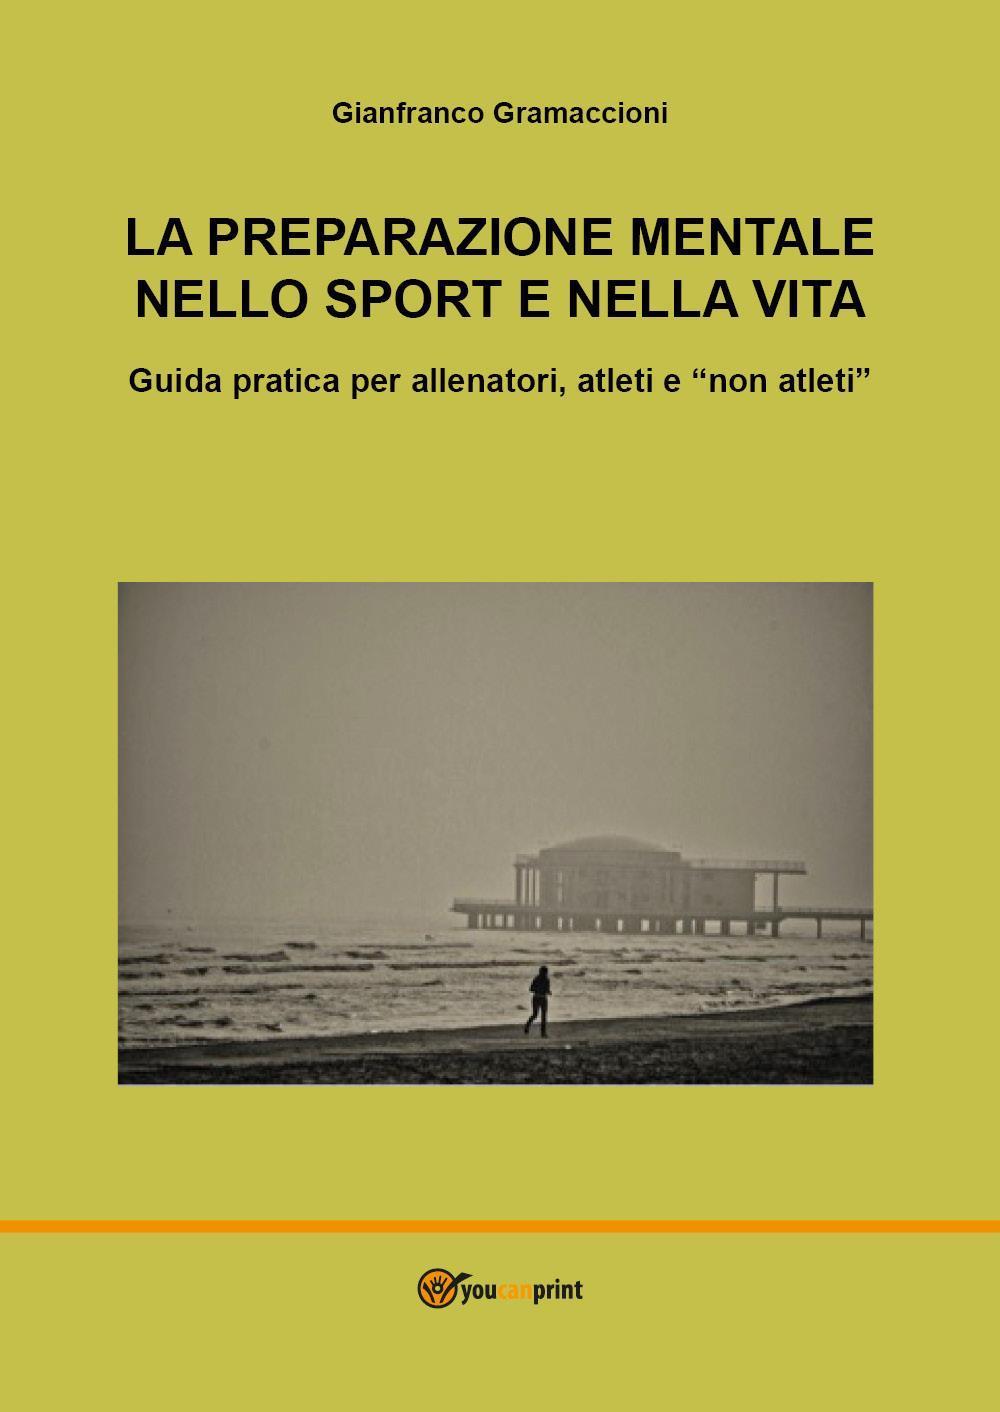 """La preparazione mentale nello sport e nella vita. Guida pratica per allenatori, atleti e """"non atleti"""""""